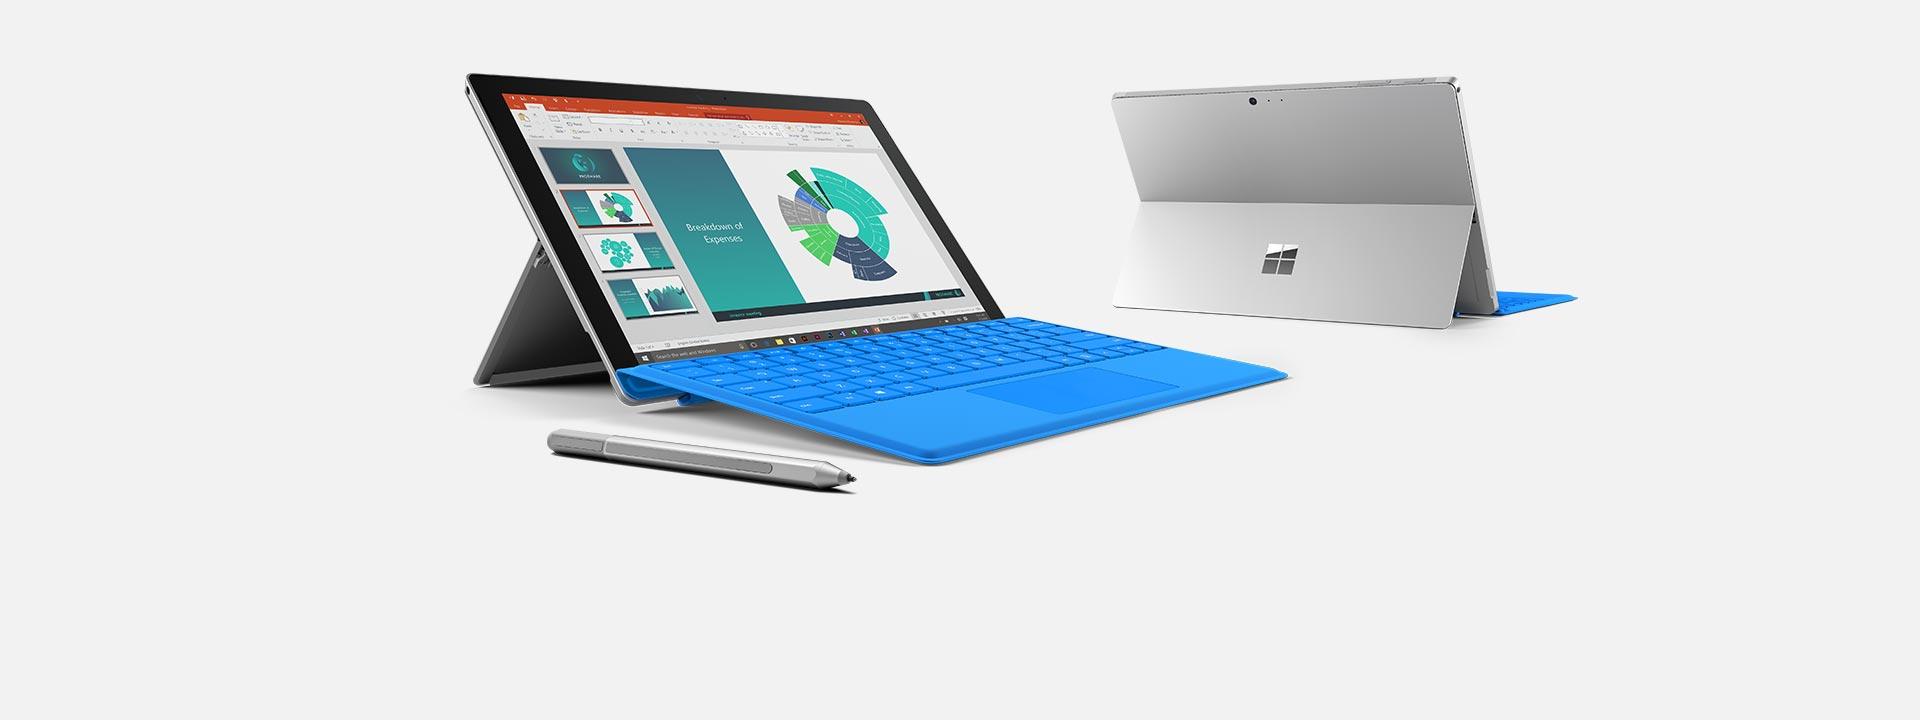 เรียนรู้เกี่ยวกับอุปกรณ์ Surface Pro 4